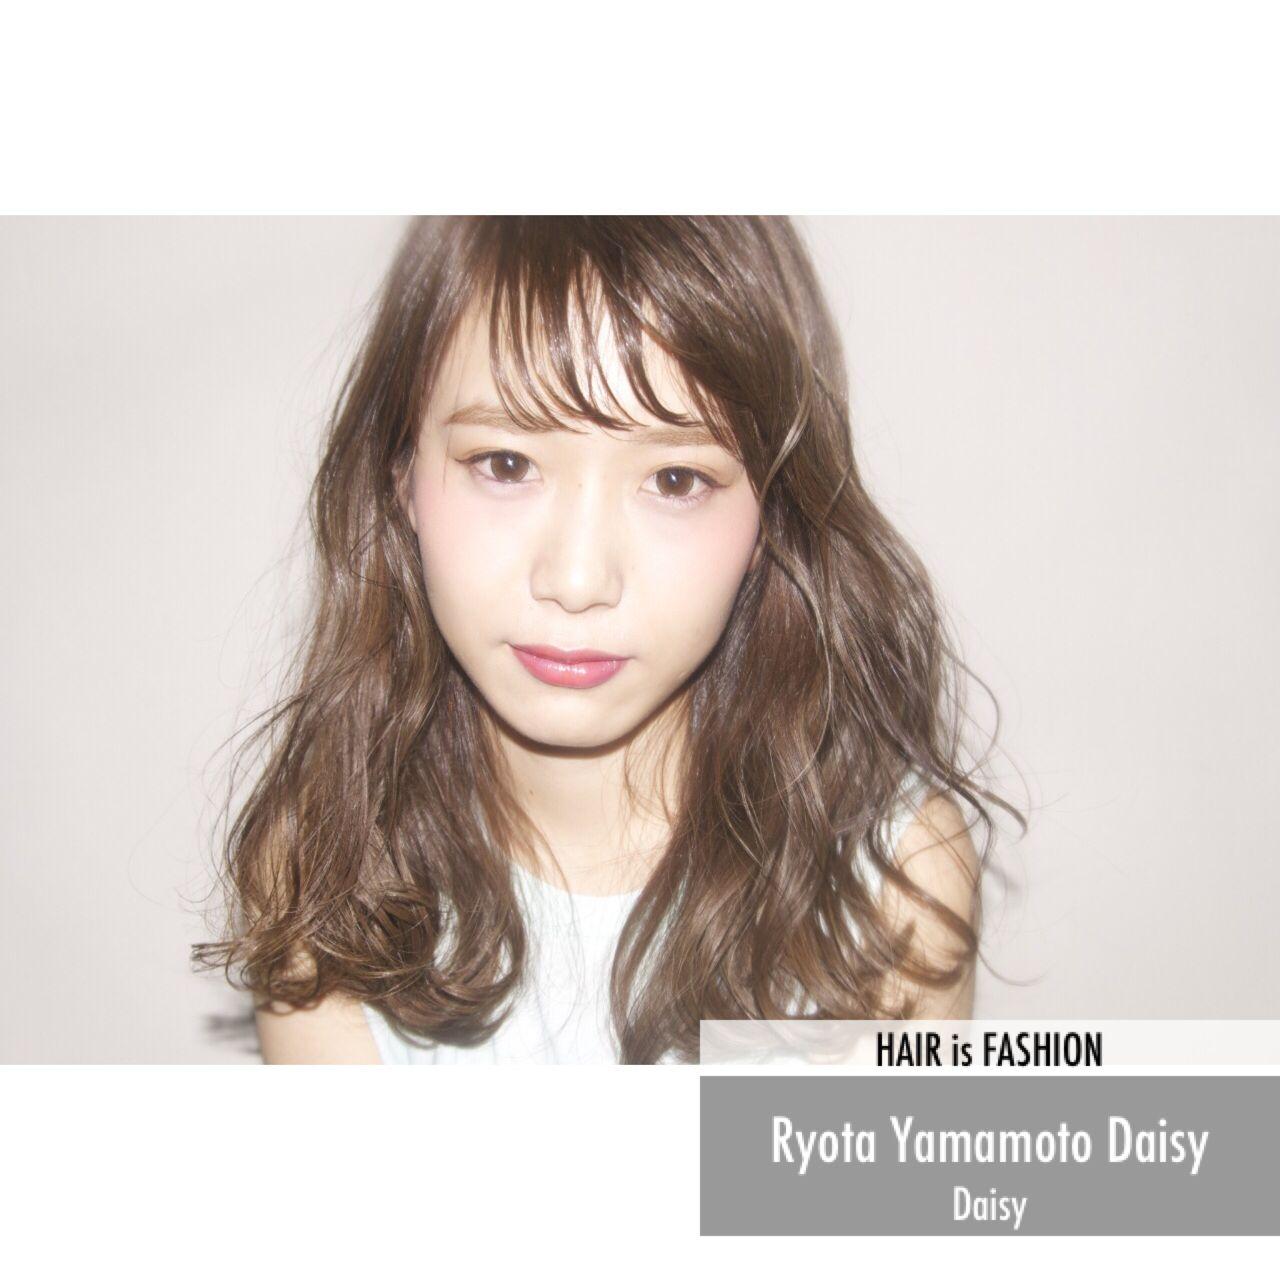 ミディアム ウェットヘア パンク 春 ヘアスタイルや髪型の写真・画像 | Ryota Yamamoto Daisy / Daisy